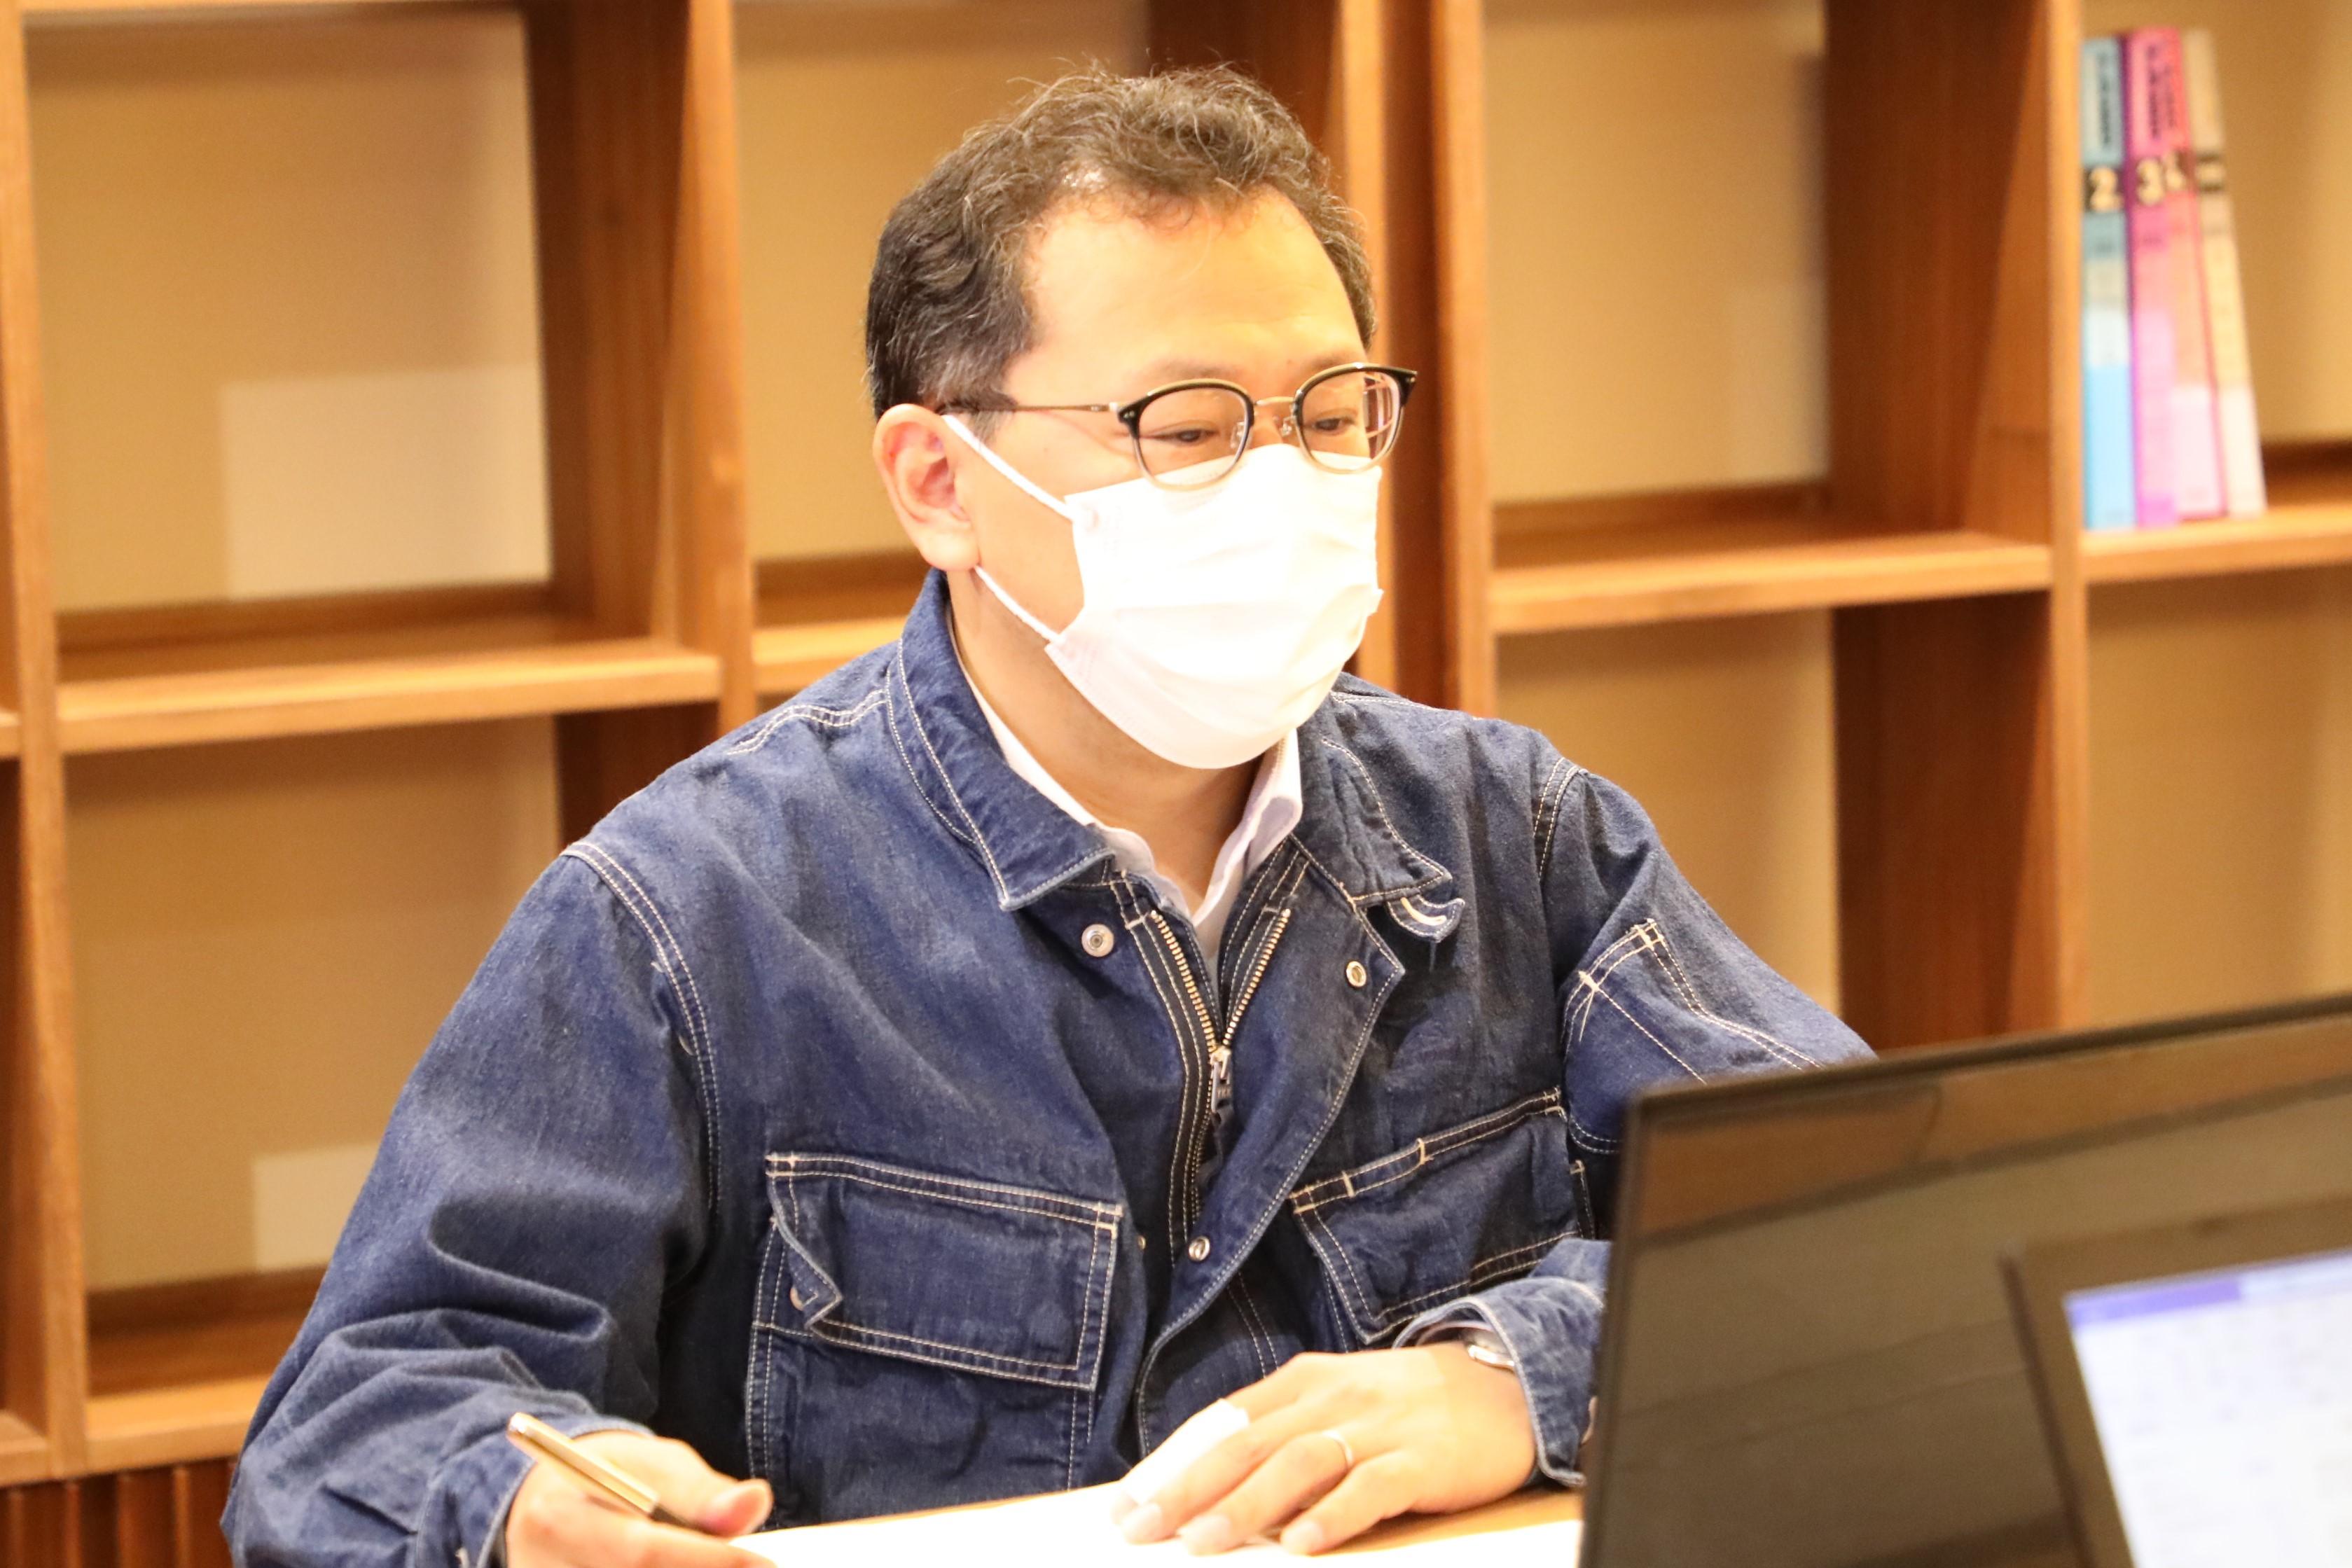 常石造船 広島大学との2020年度 共同研究成果報告会を開催 ~技術開発で環境負荷を軽減し、顧客価値を高める~